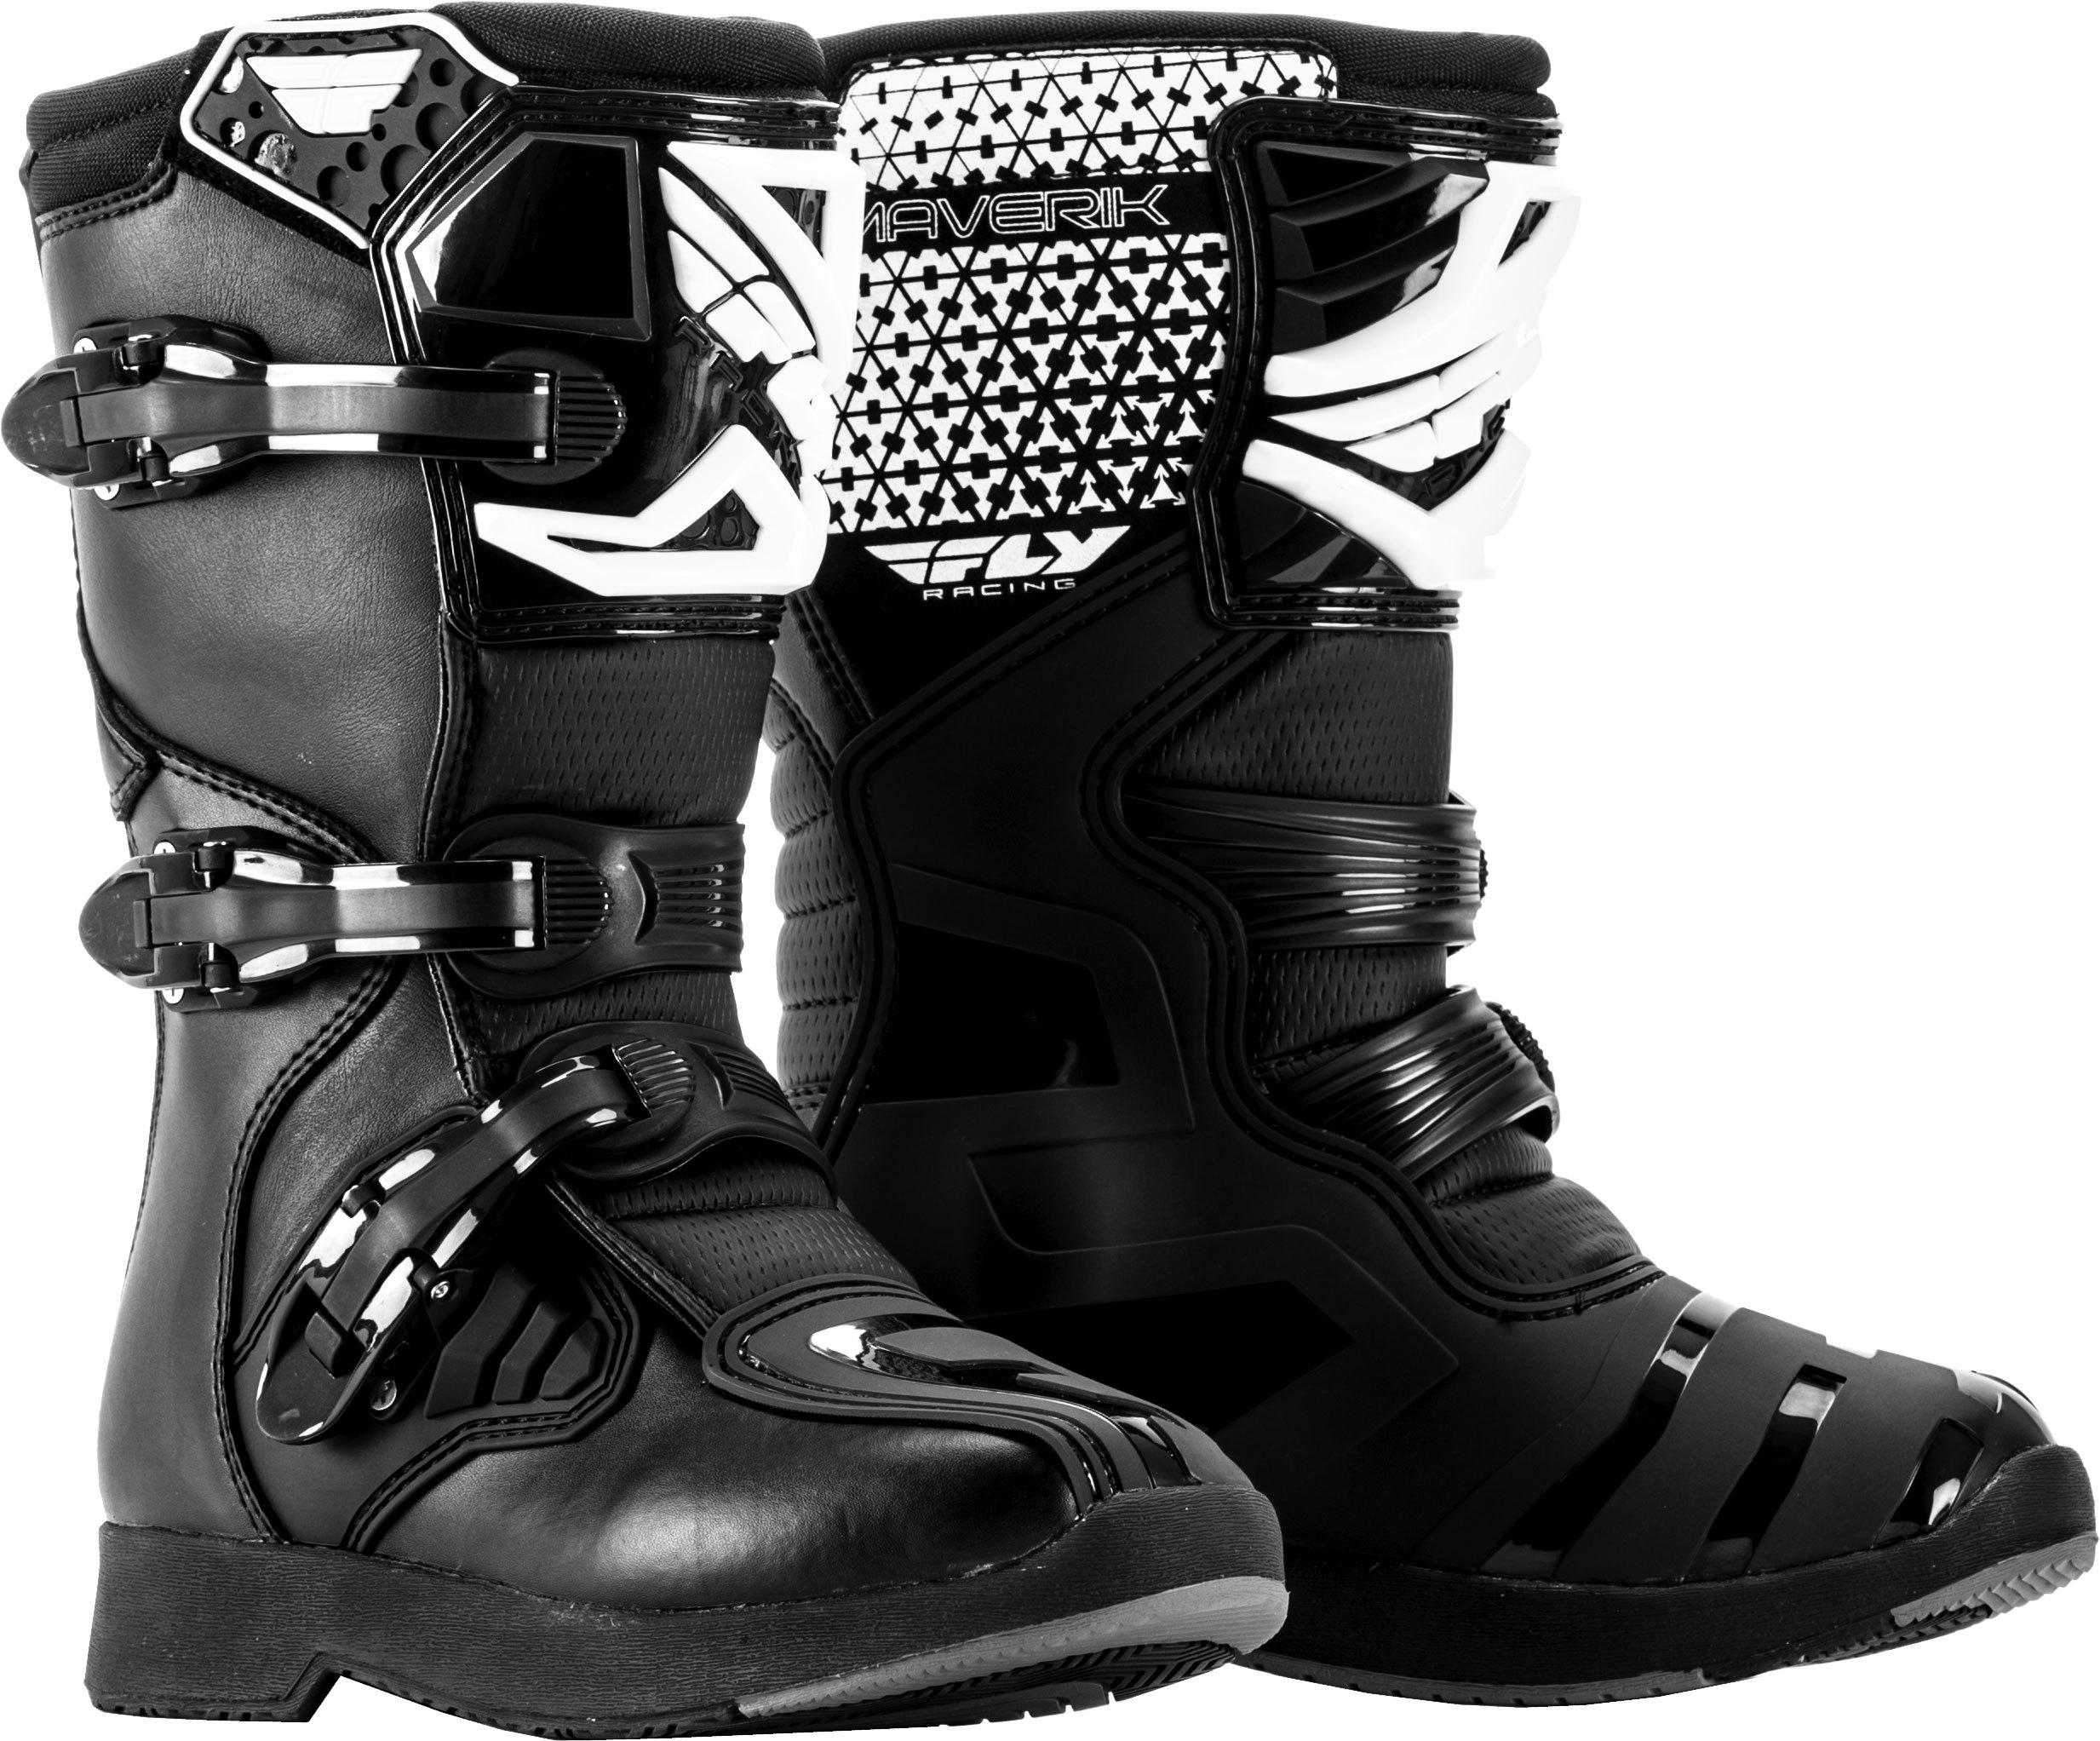 YOUTH MAVERIK BOOTS BLACK SZ 02